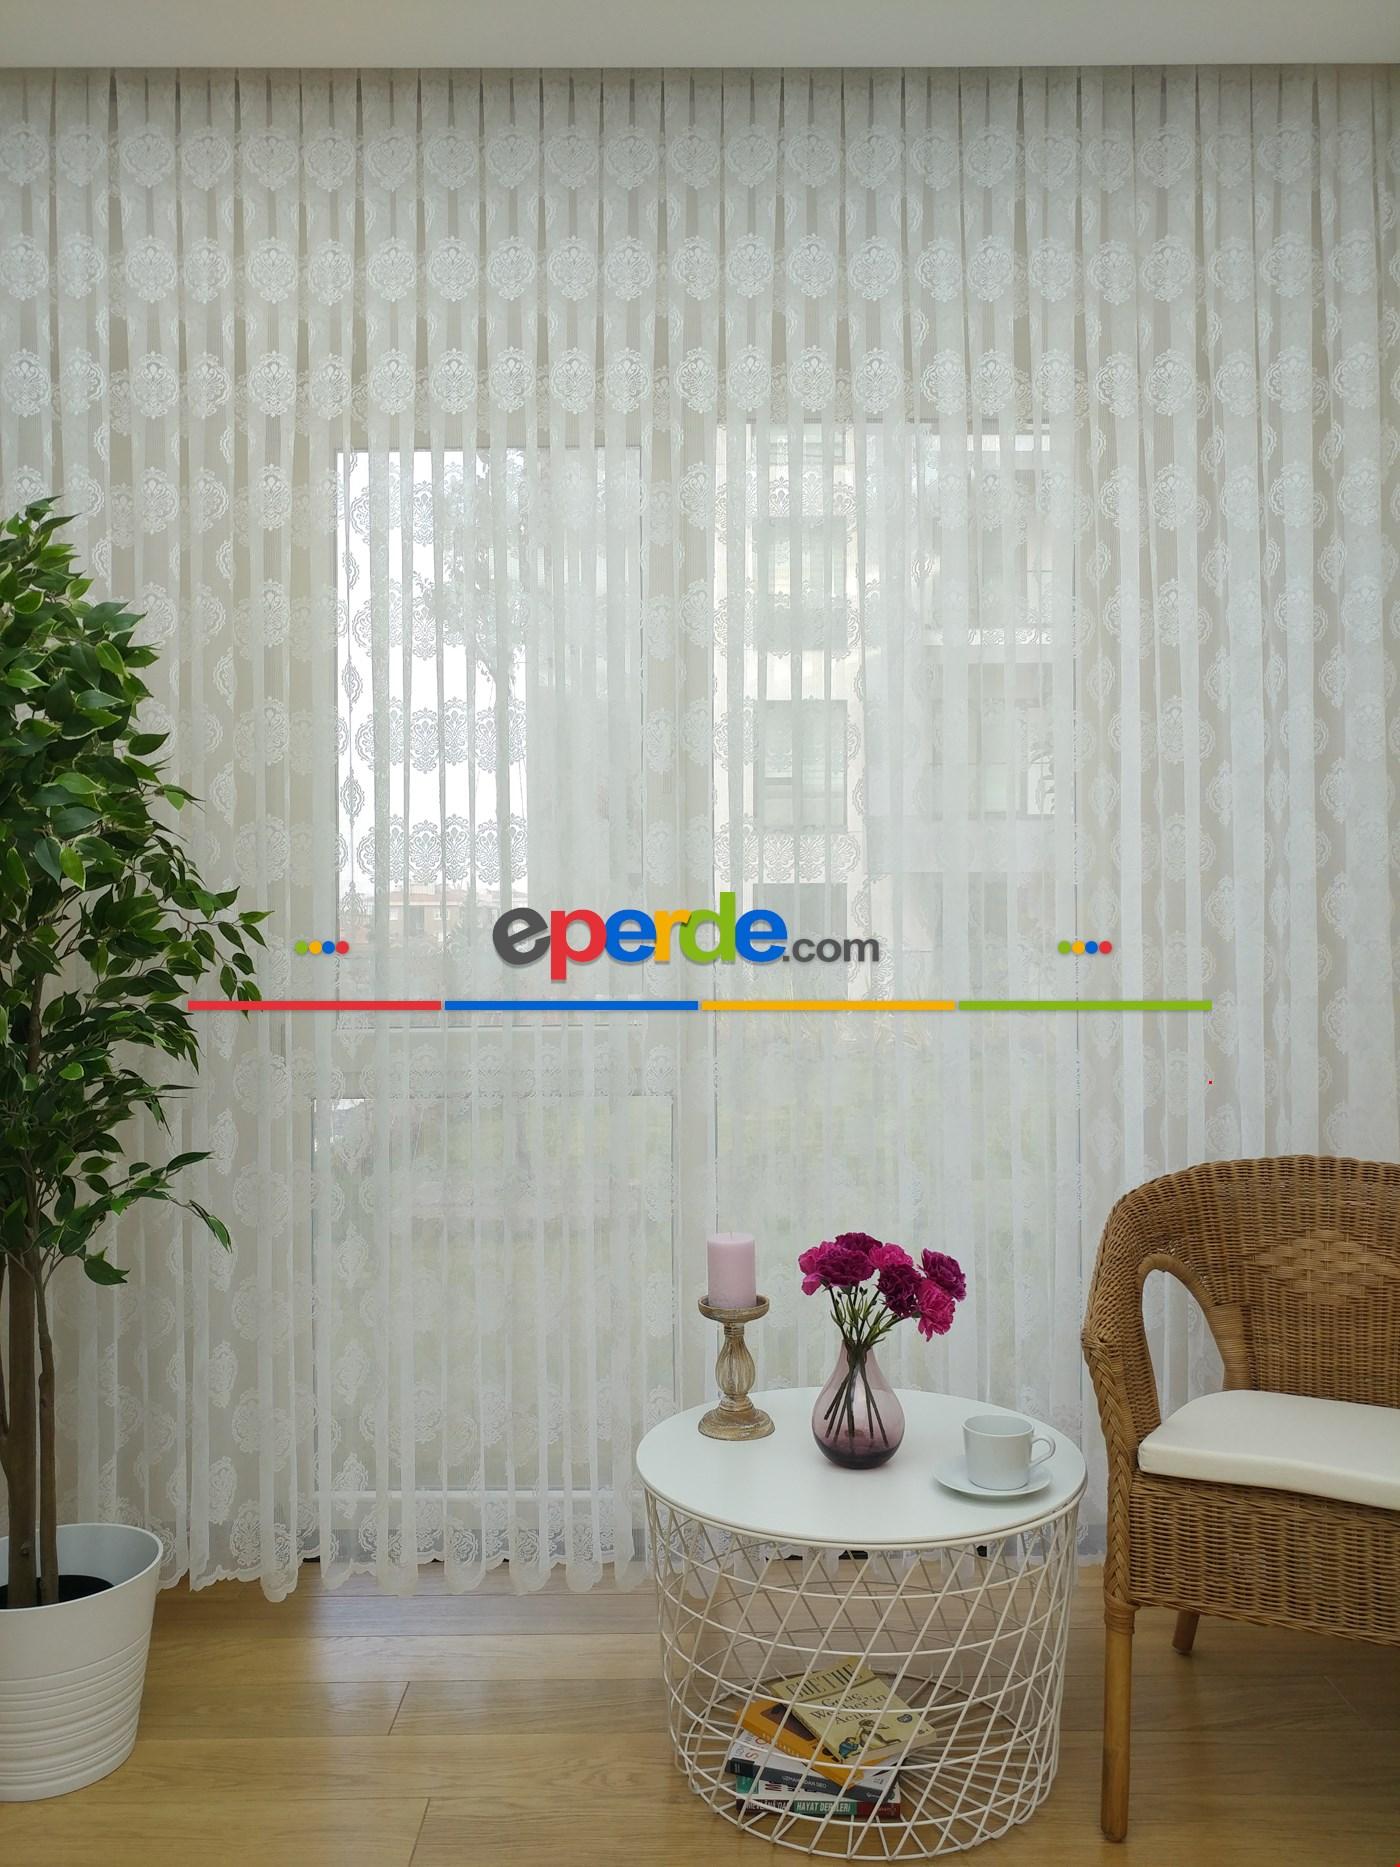 Damask Desen Salon Fransız Dantel Tül Perde & Kruvaze Perde